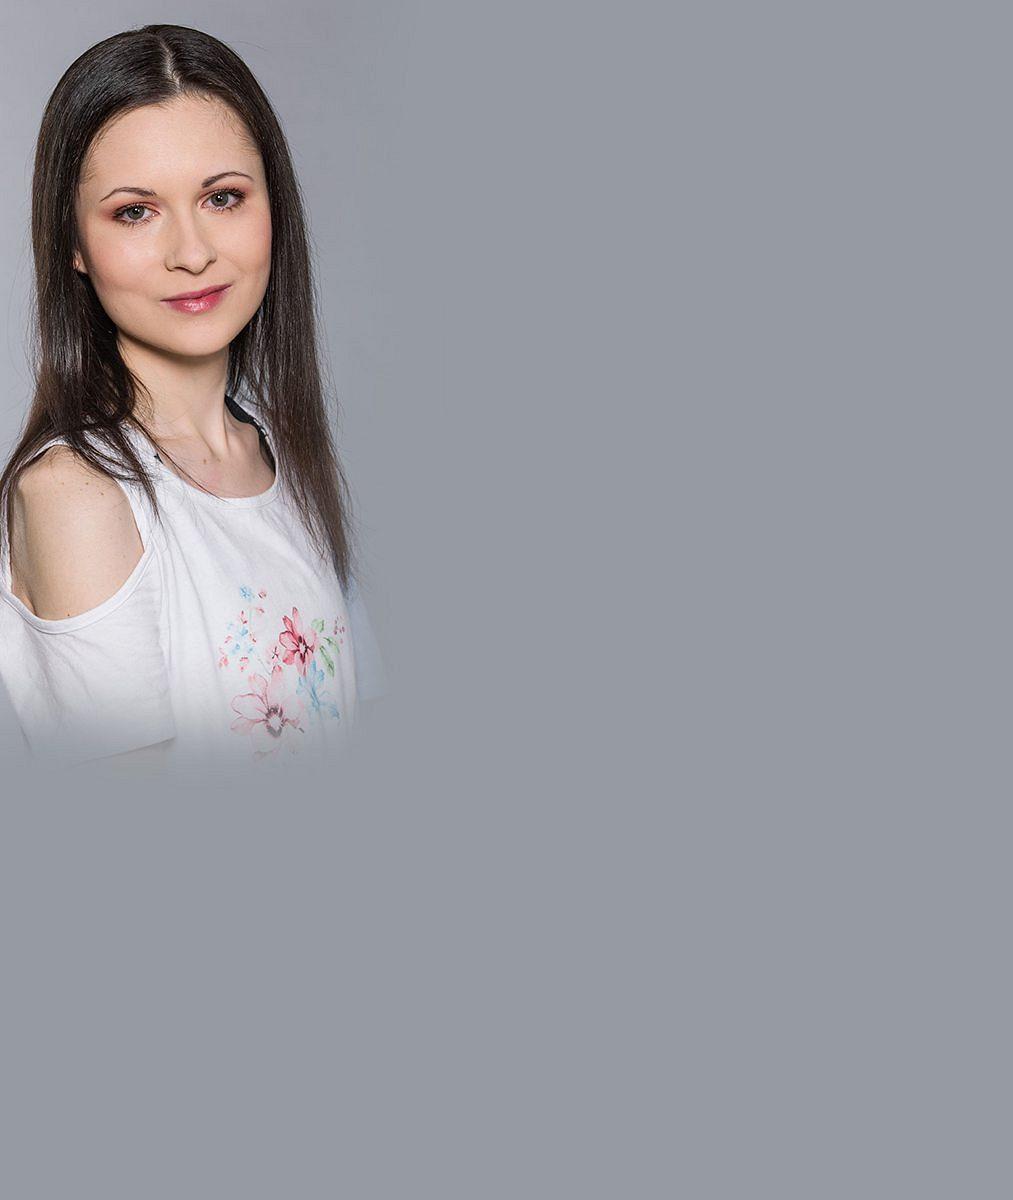 Anička (22) zPeče celá země své dobroty ochutnává sodporem: Pohublá dívka už pět let bojuje sanorexií!